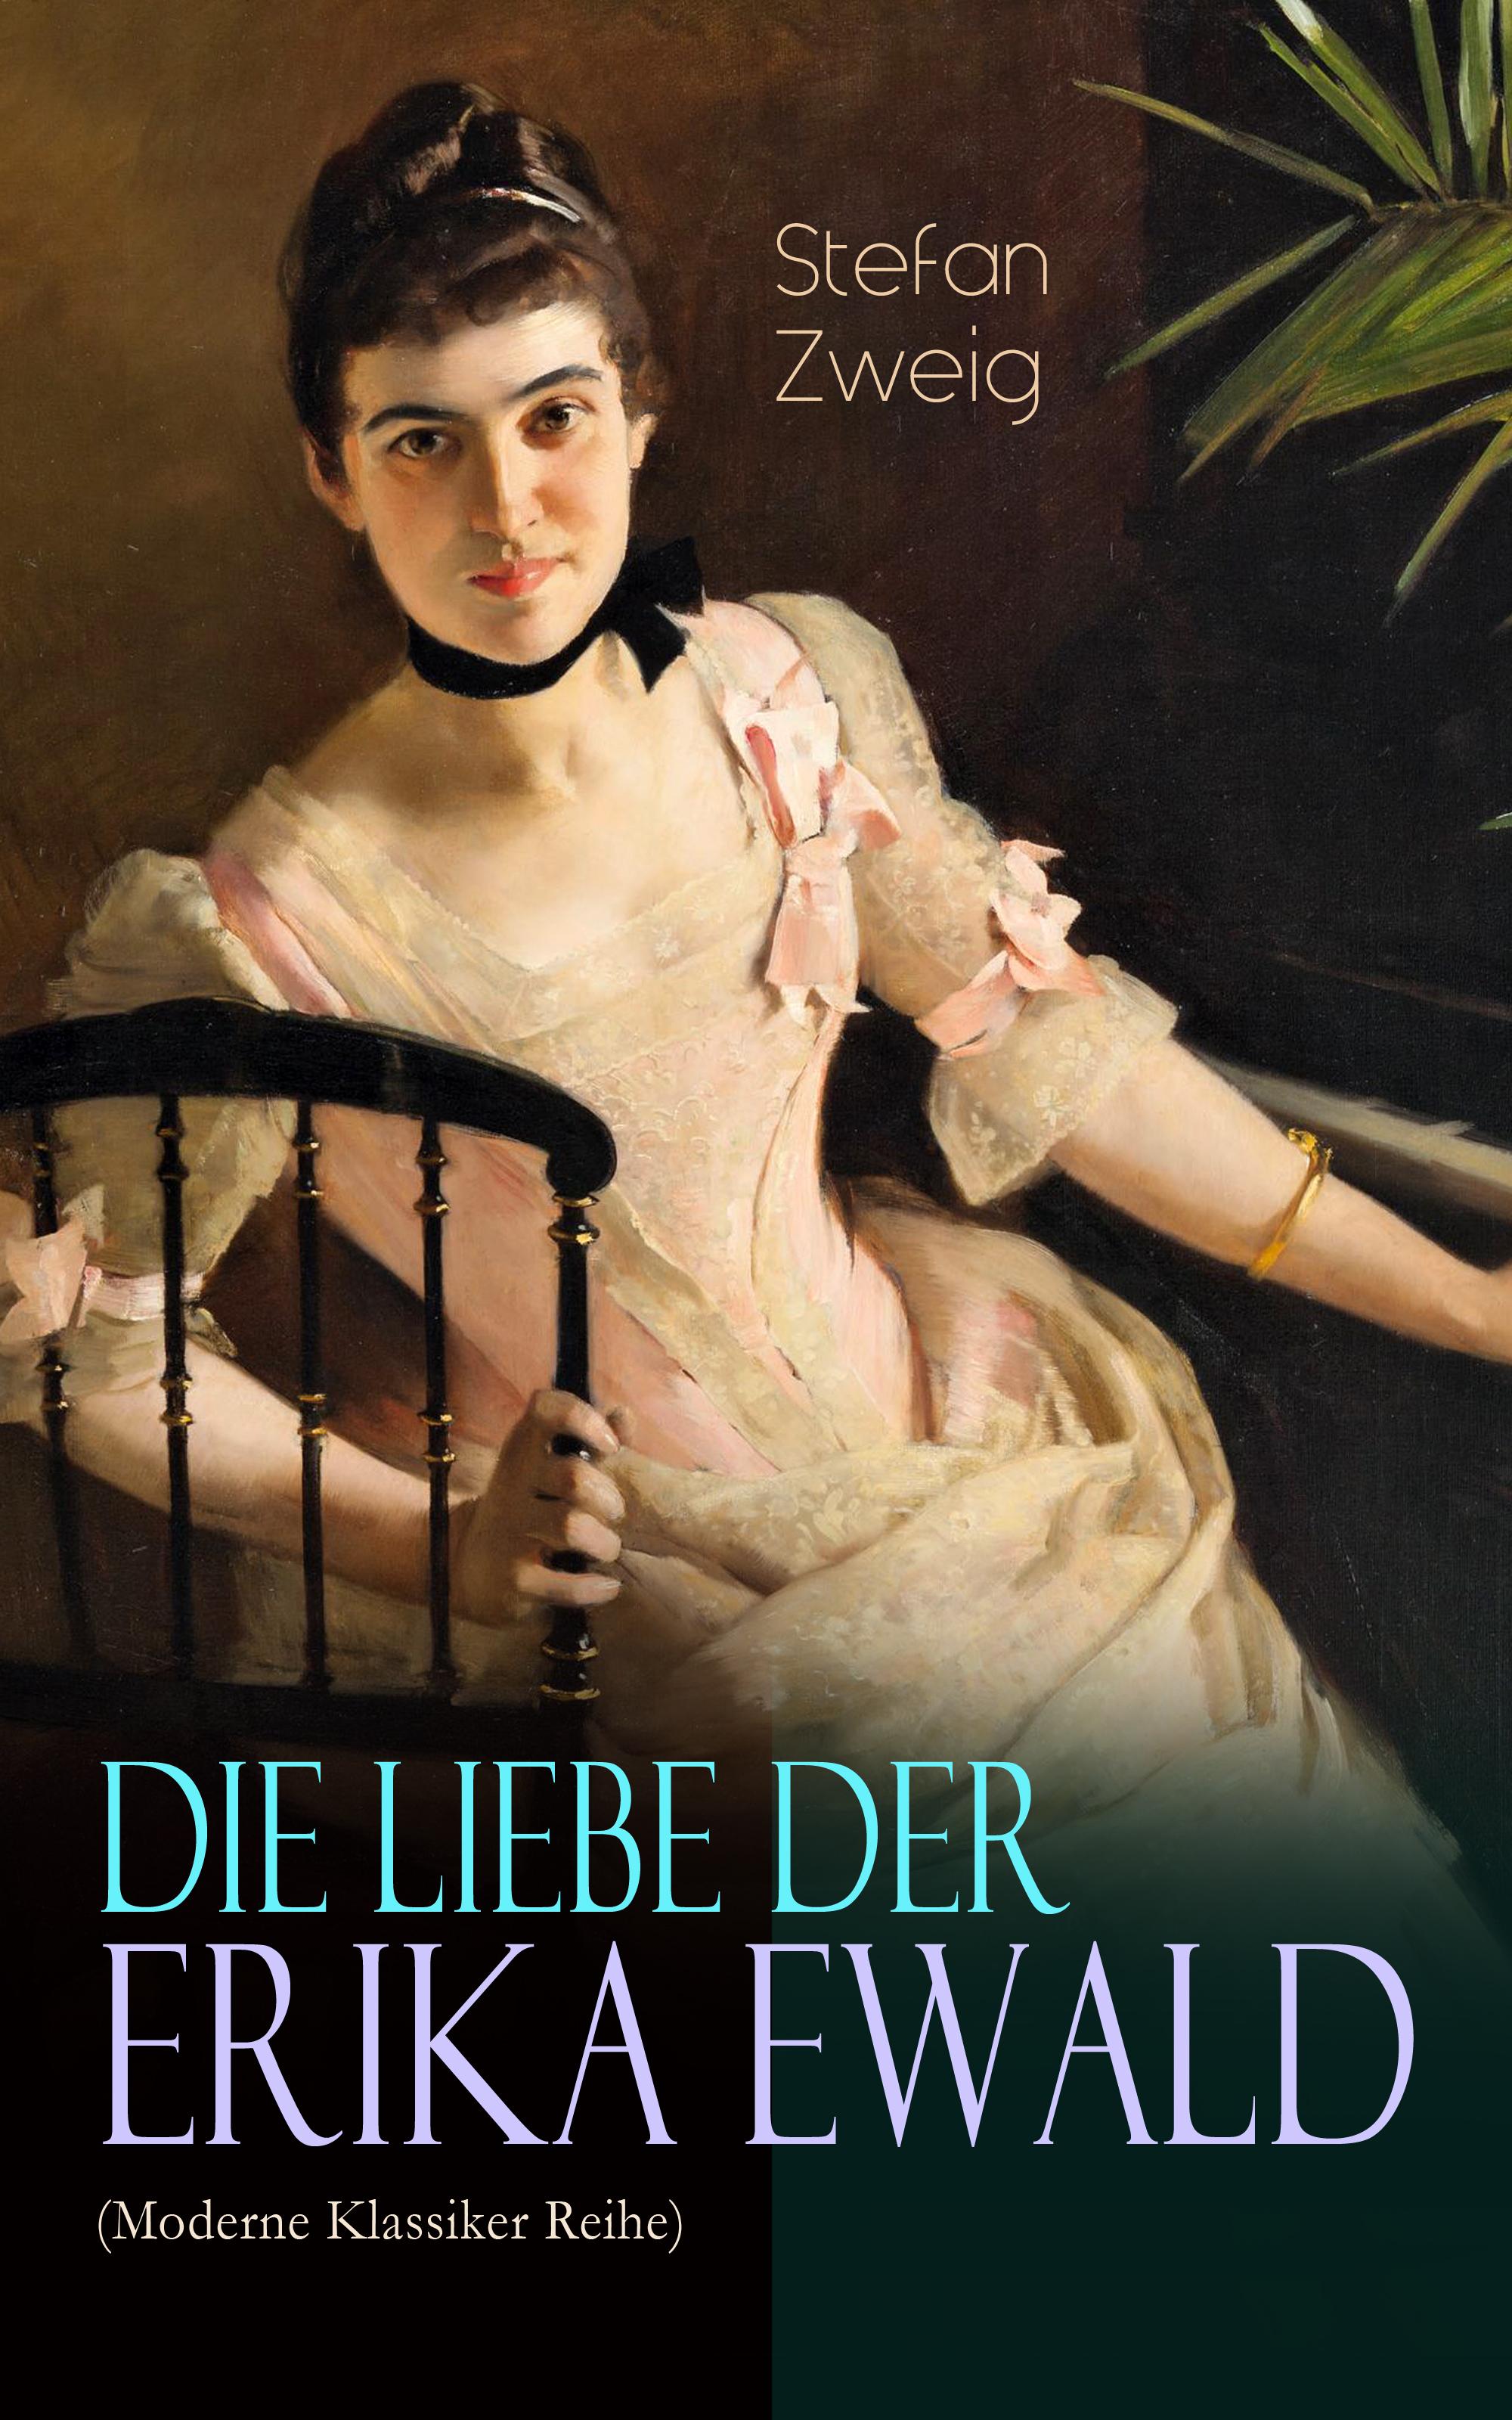 Stefan Zweig Die Liebe der Erika Ewald (Moderne Klassiker Reihe)